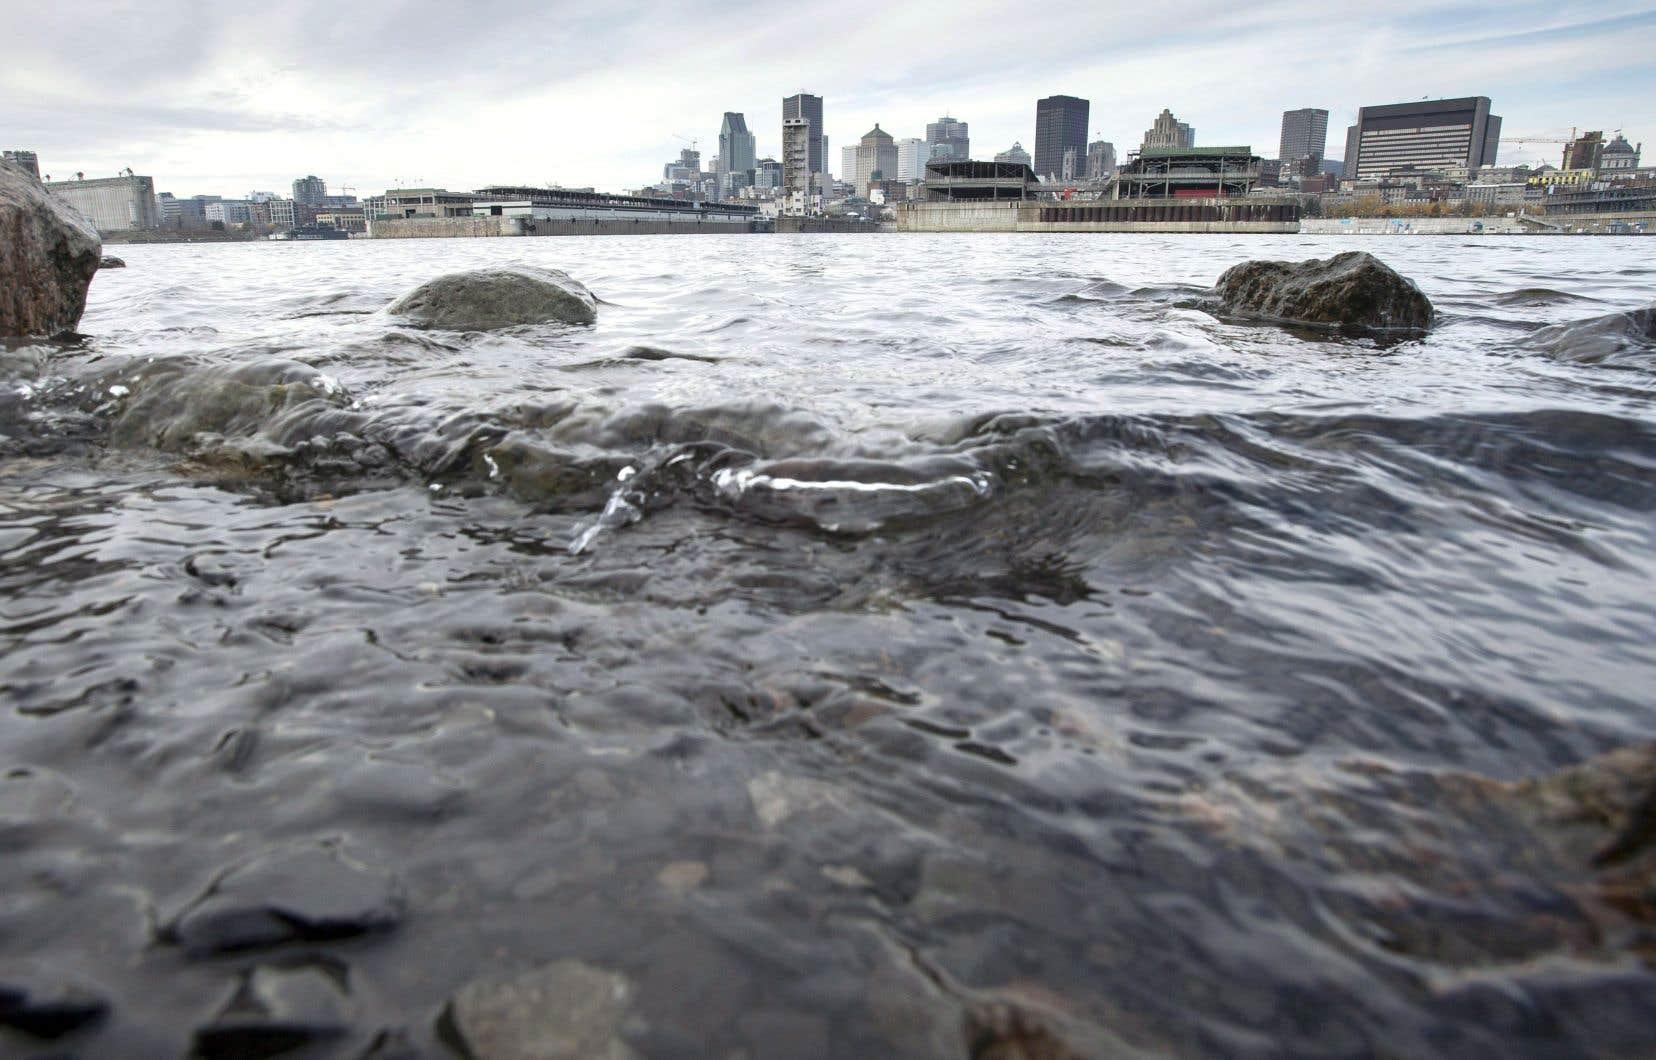 Le déversement de 162millions de litres d'eaux usées dans le fleuve Saint-Laurent a débuté jeudi matin à Longueuil.